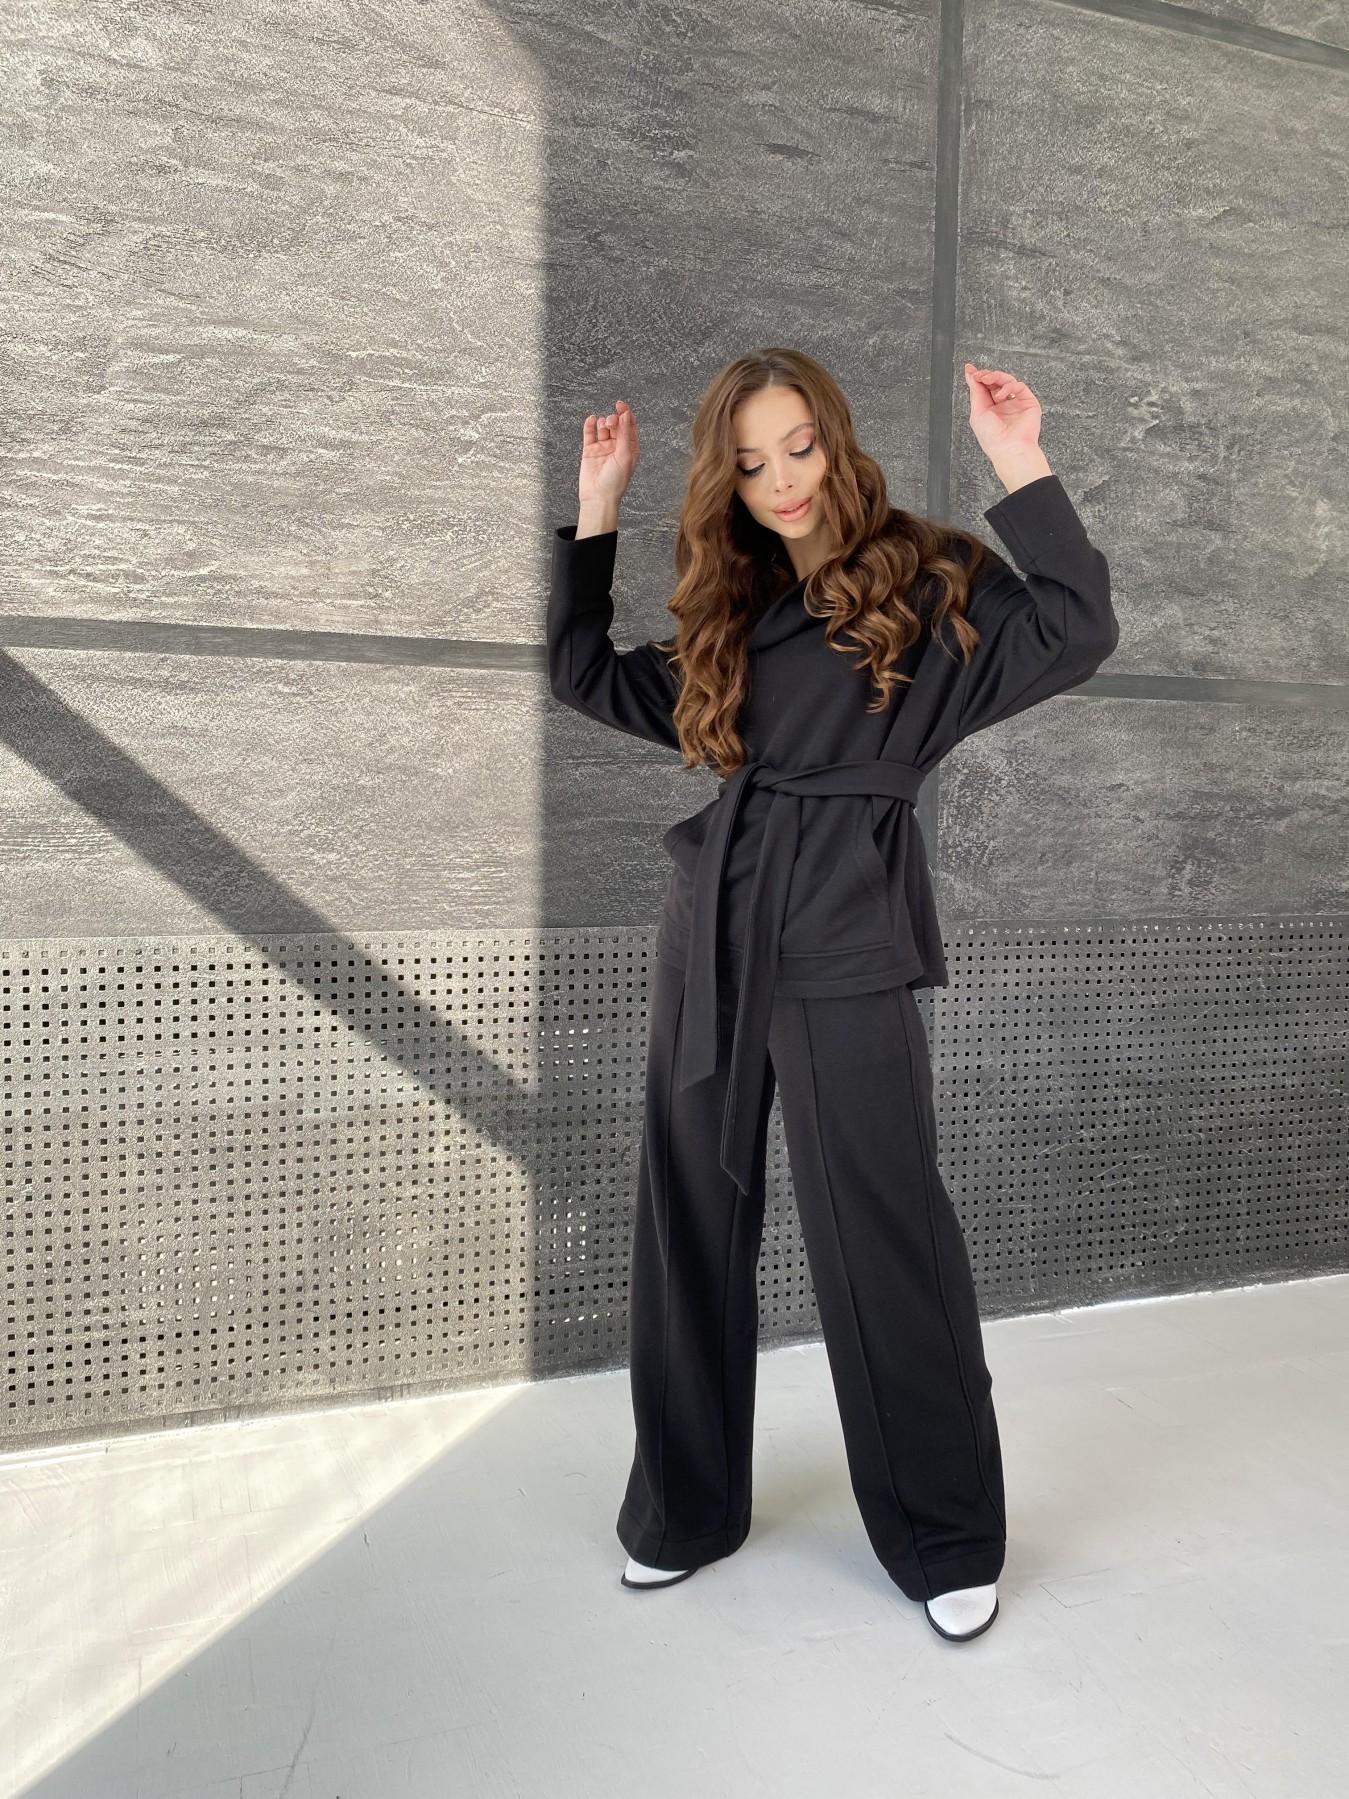 Кристиан костюм 3х нитка 10676 АРТ. 47247 Цвет: Черный - фото 3, интернет магазин tm-modus.ru